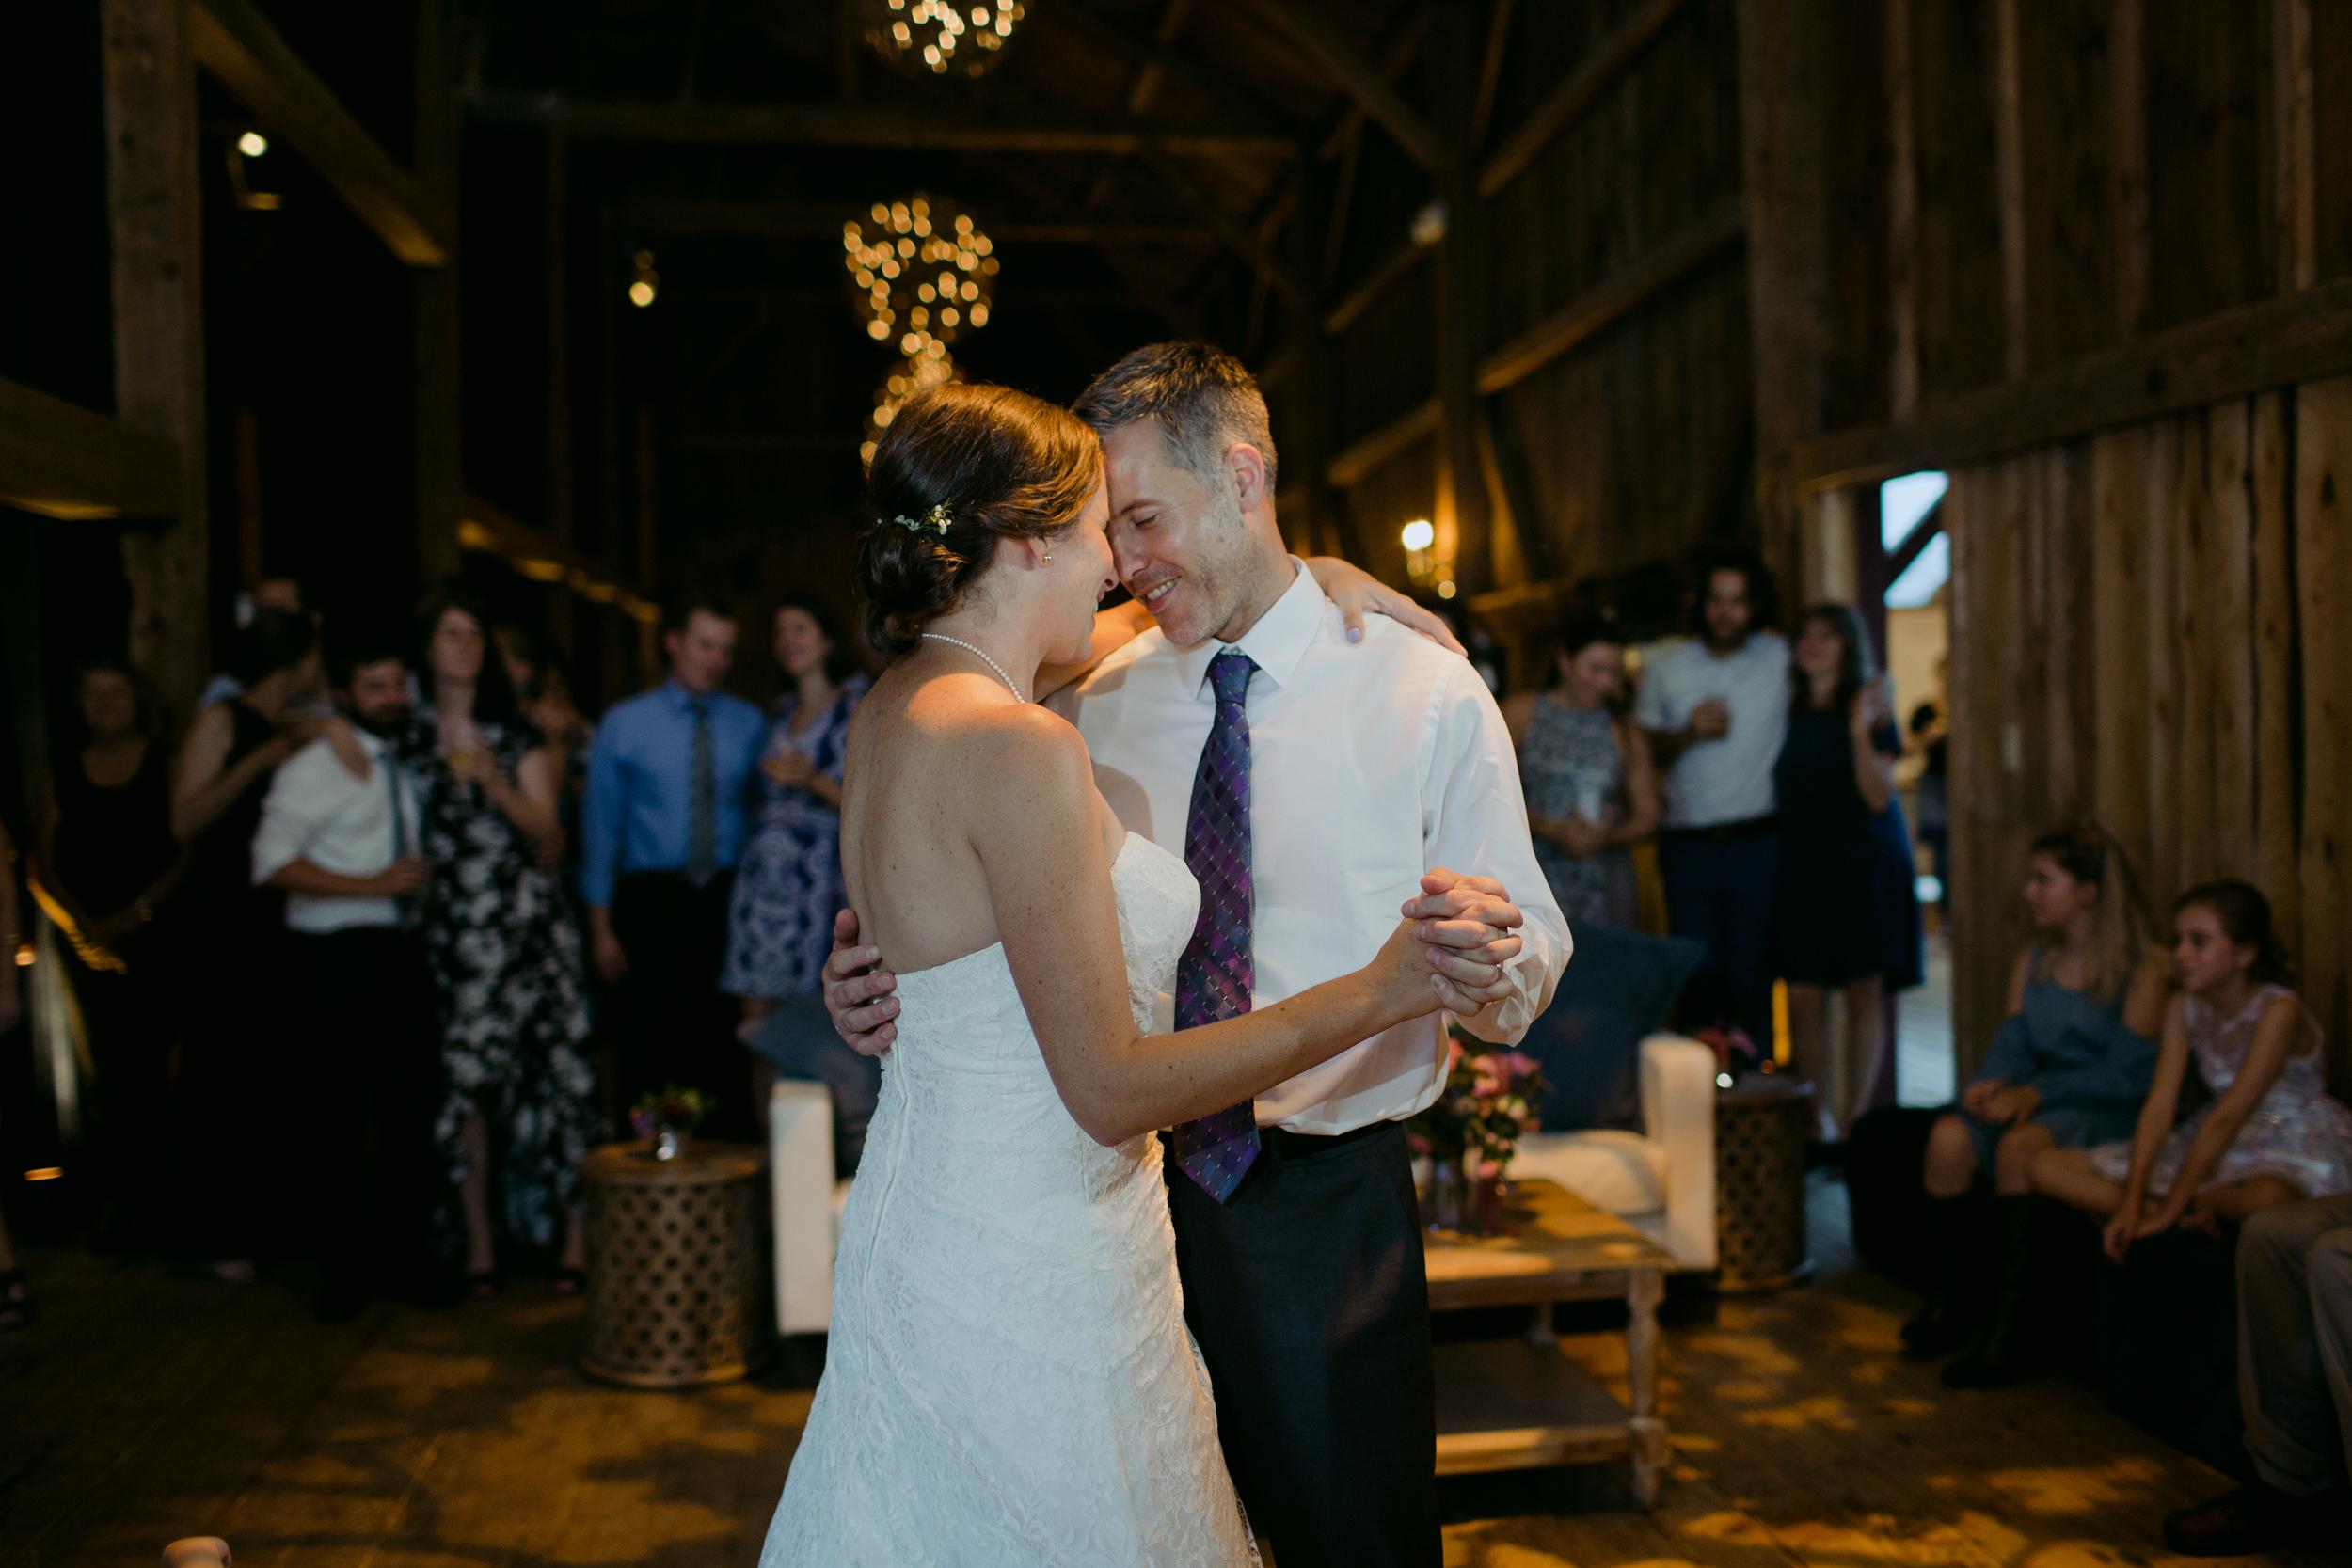 william_allen_farm_pownal_wedding_maine_michelleben-35.jpg